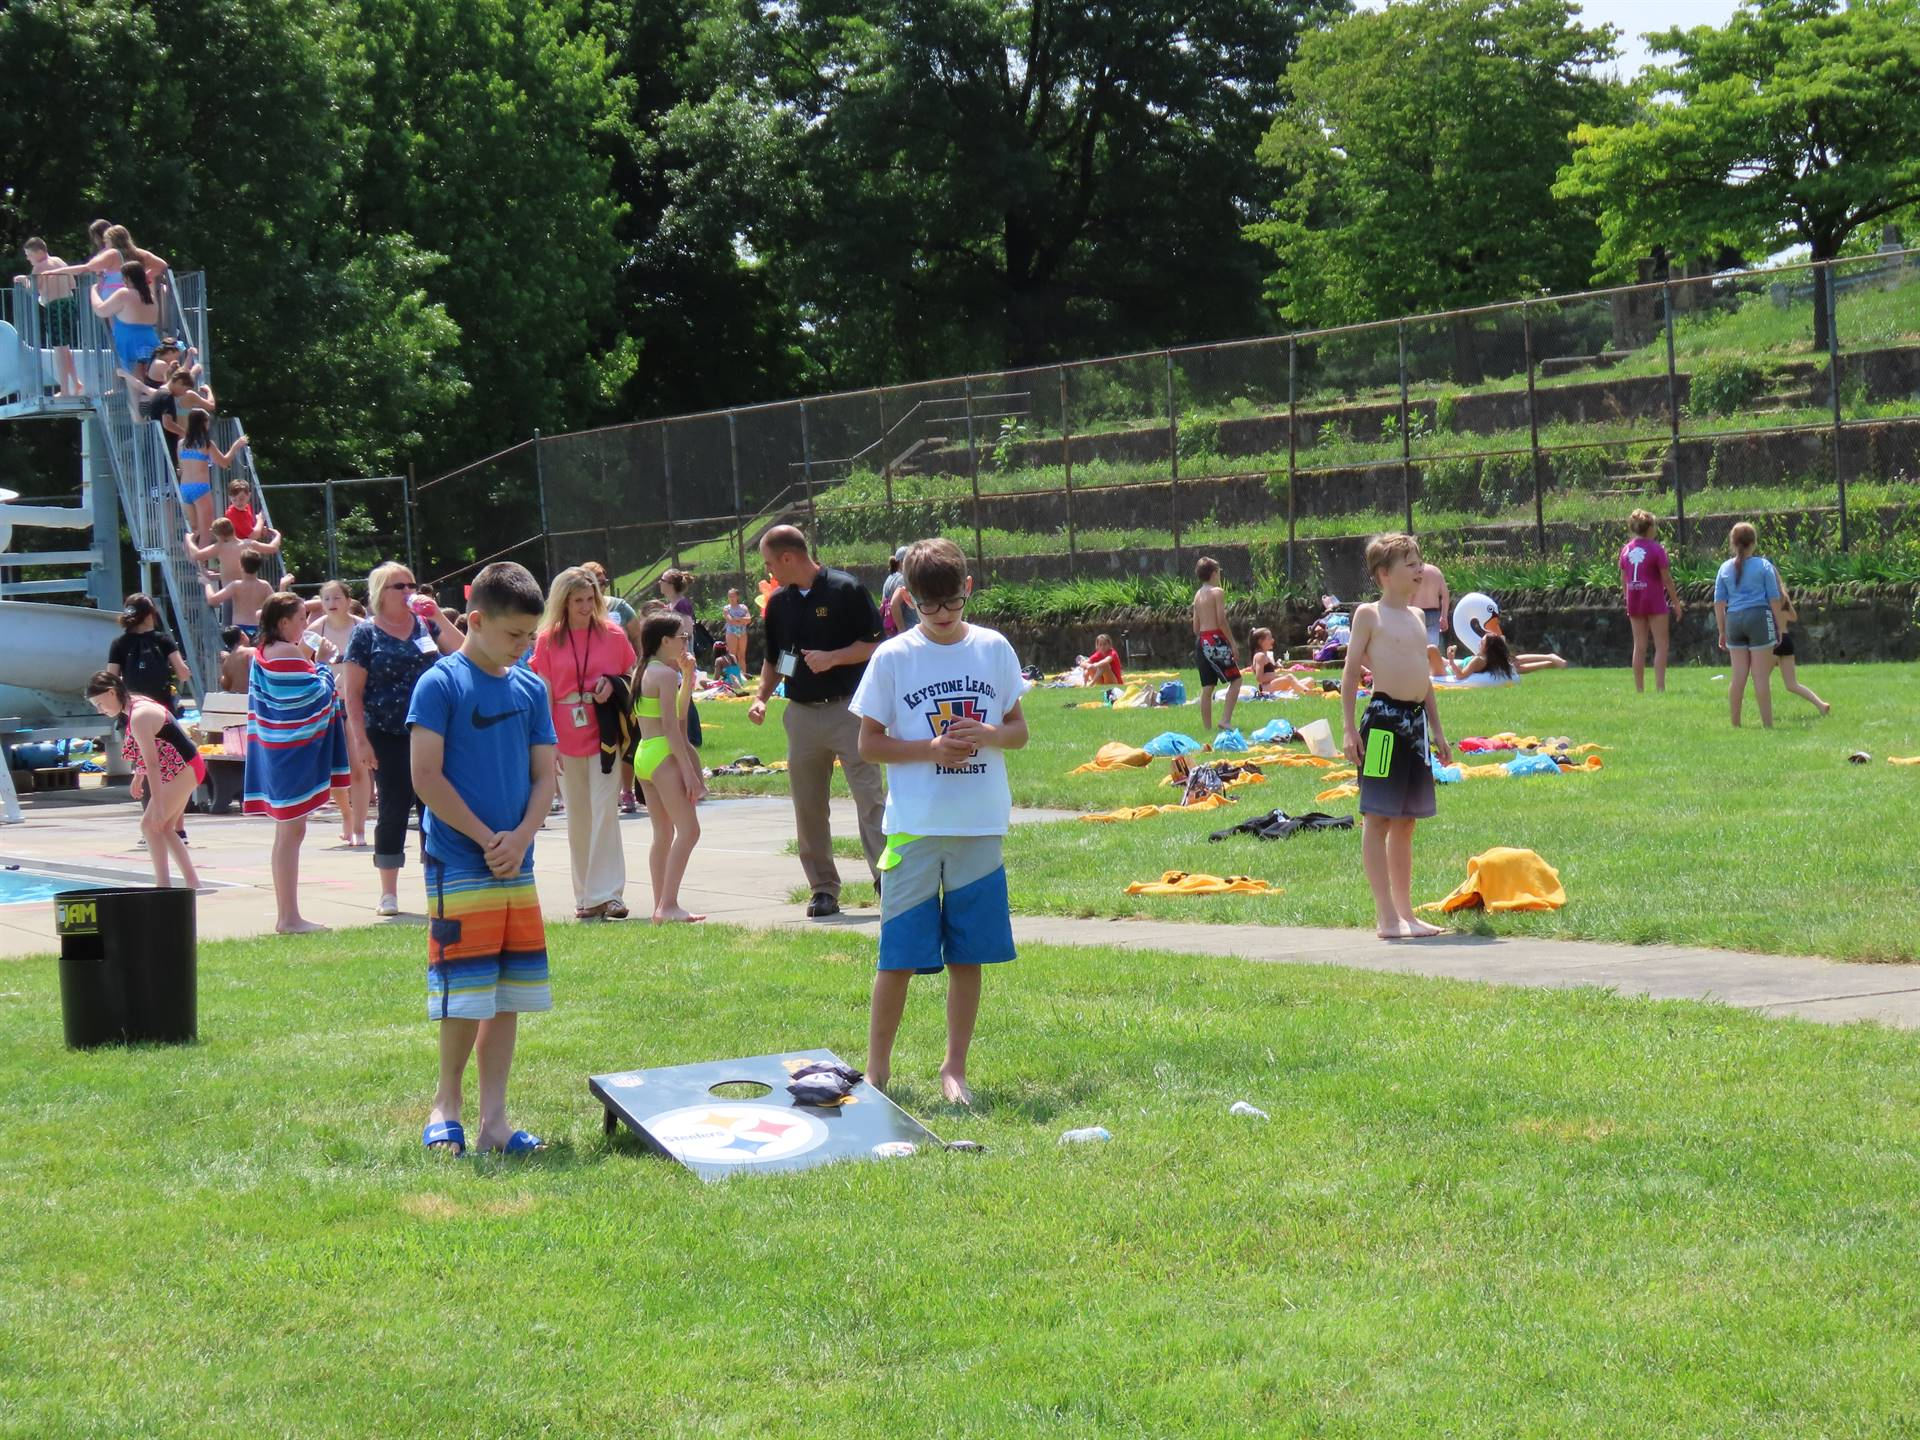 Kids playing corn hole